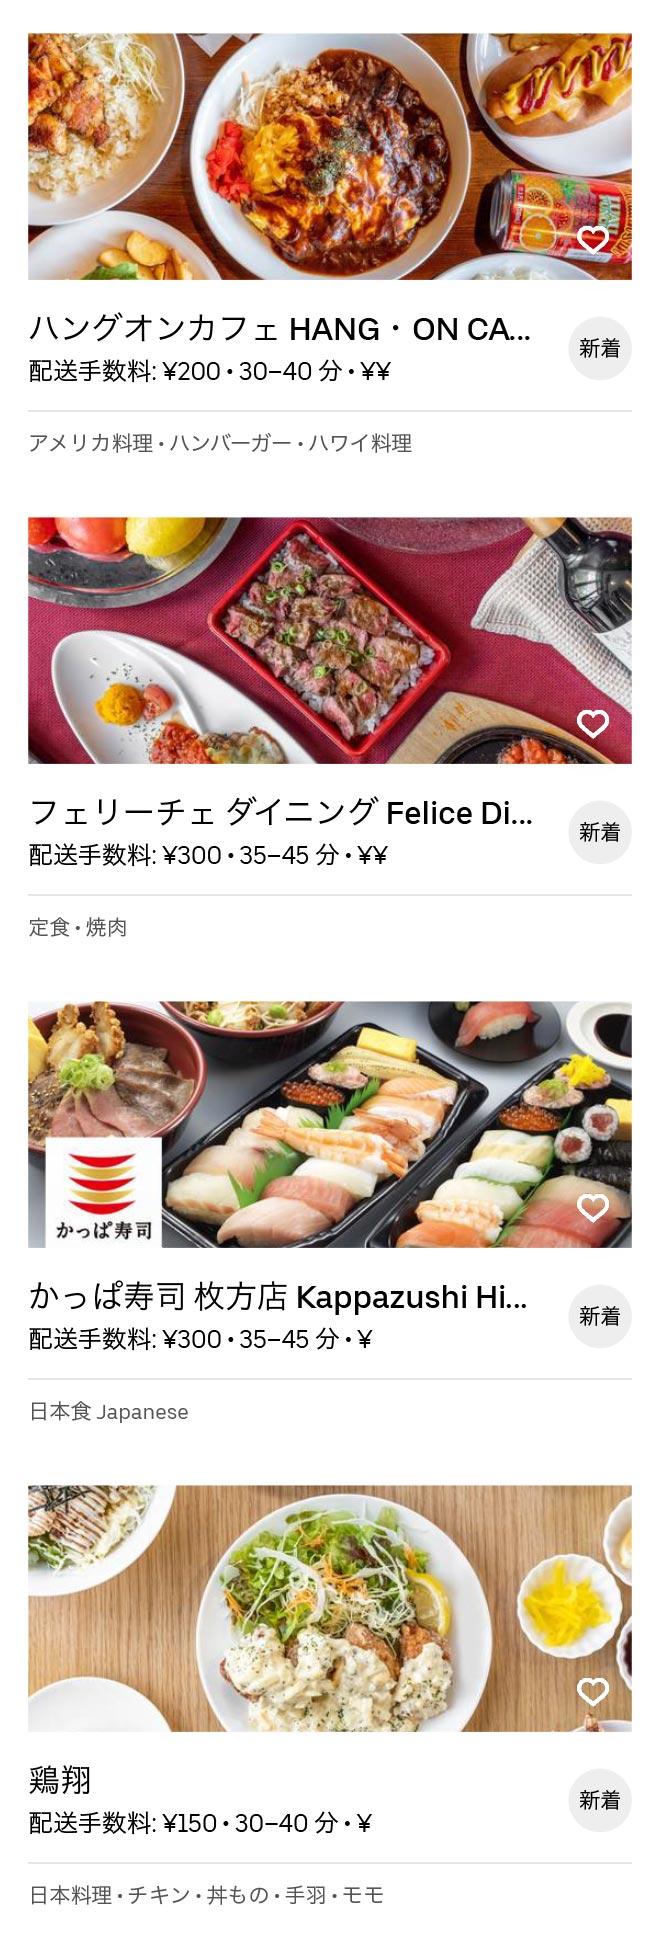 Hirakata menu 2005 04